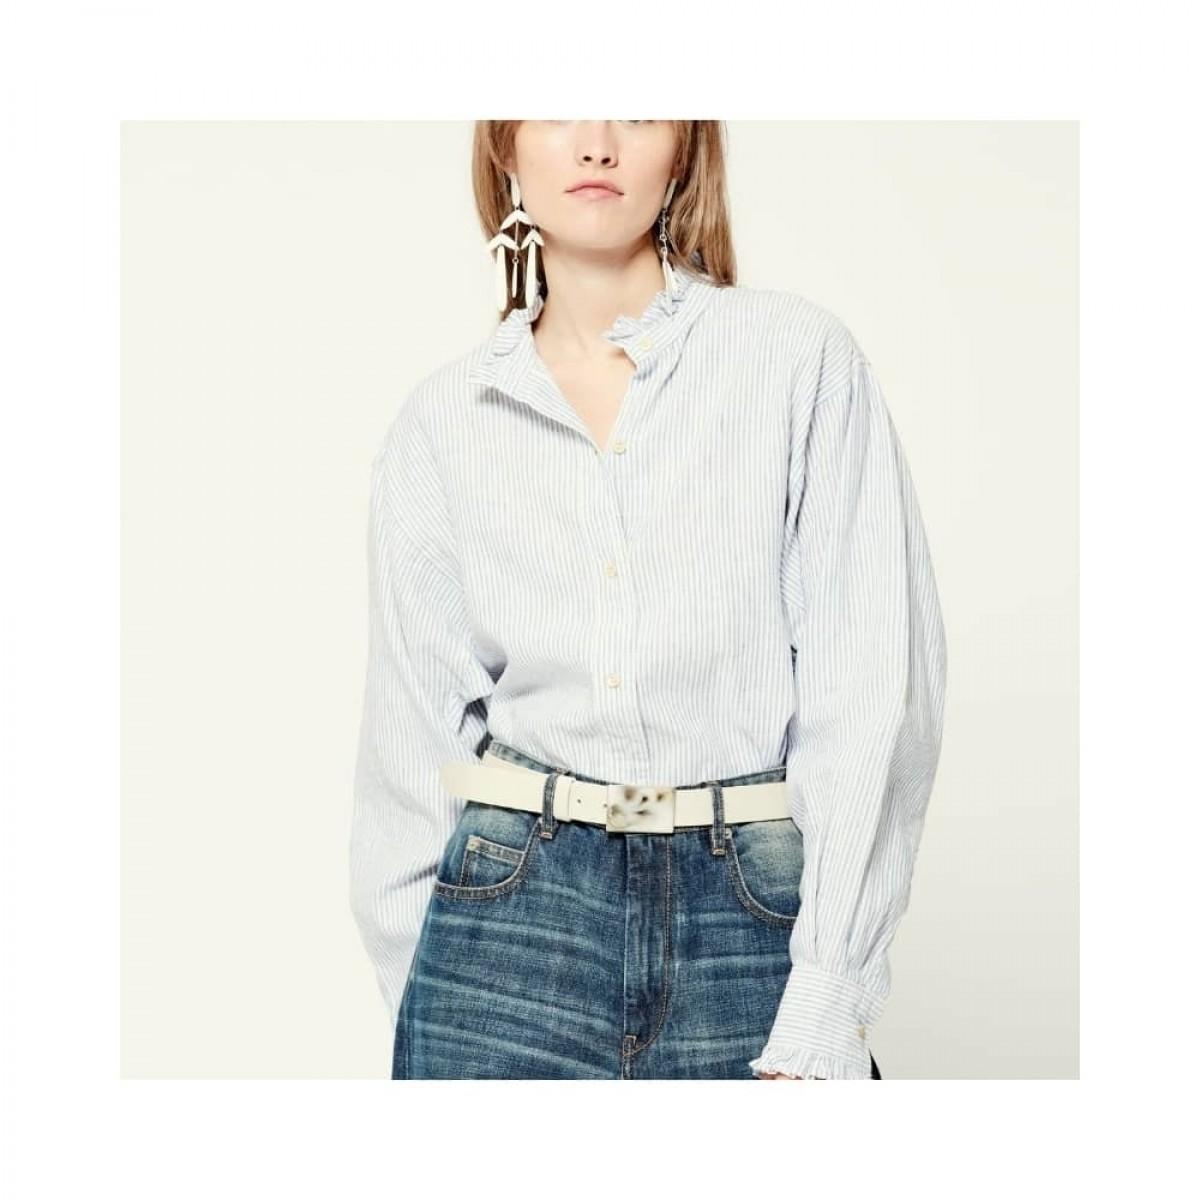 saoli skjorte - blue - front - model